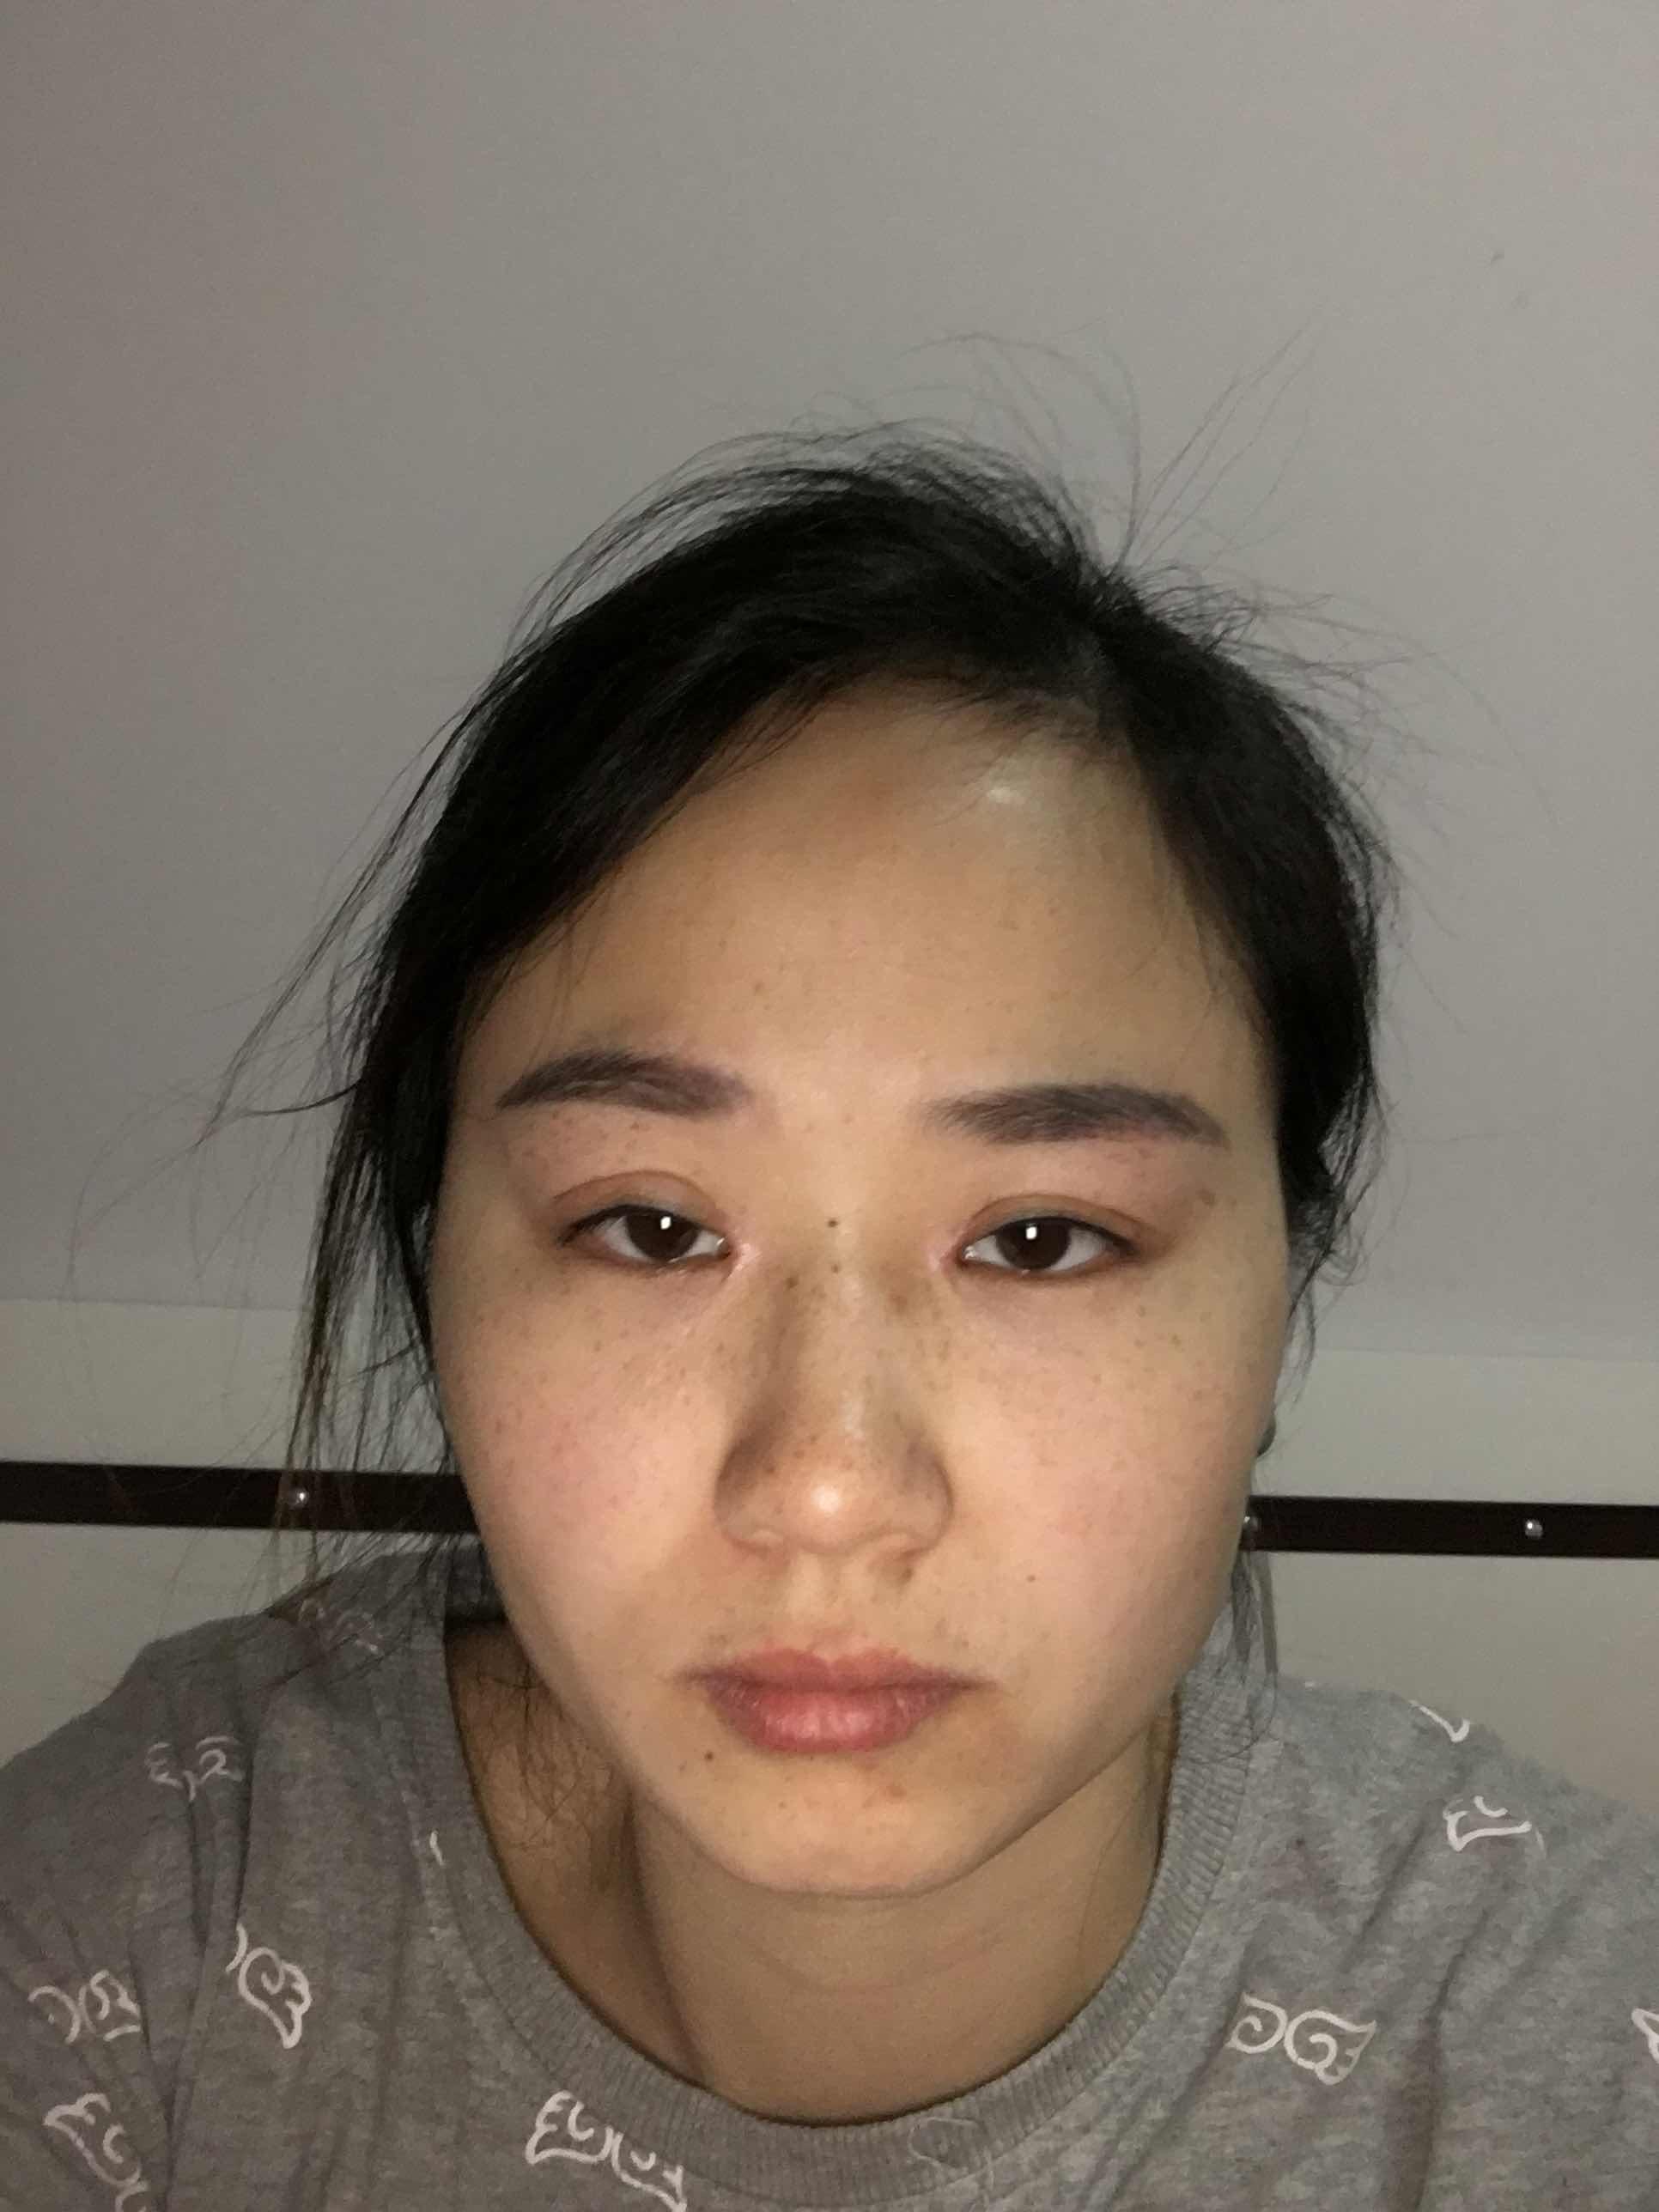 面部拉皮去皱整容靠谱吗?能填平面部的泪沟和鼻唇沟吗?